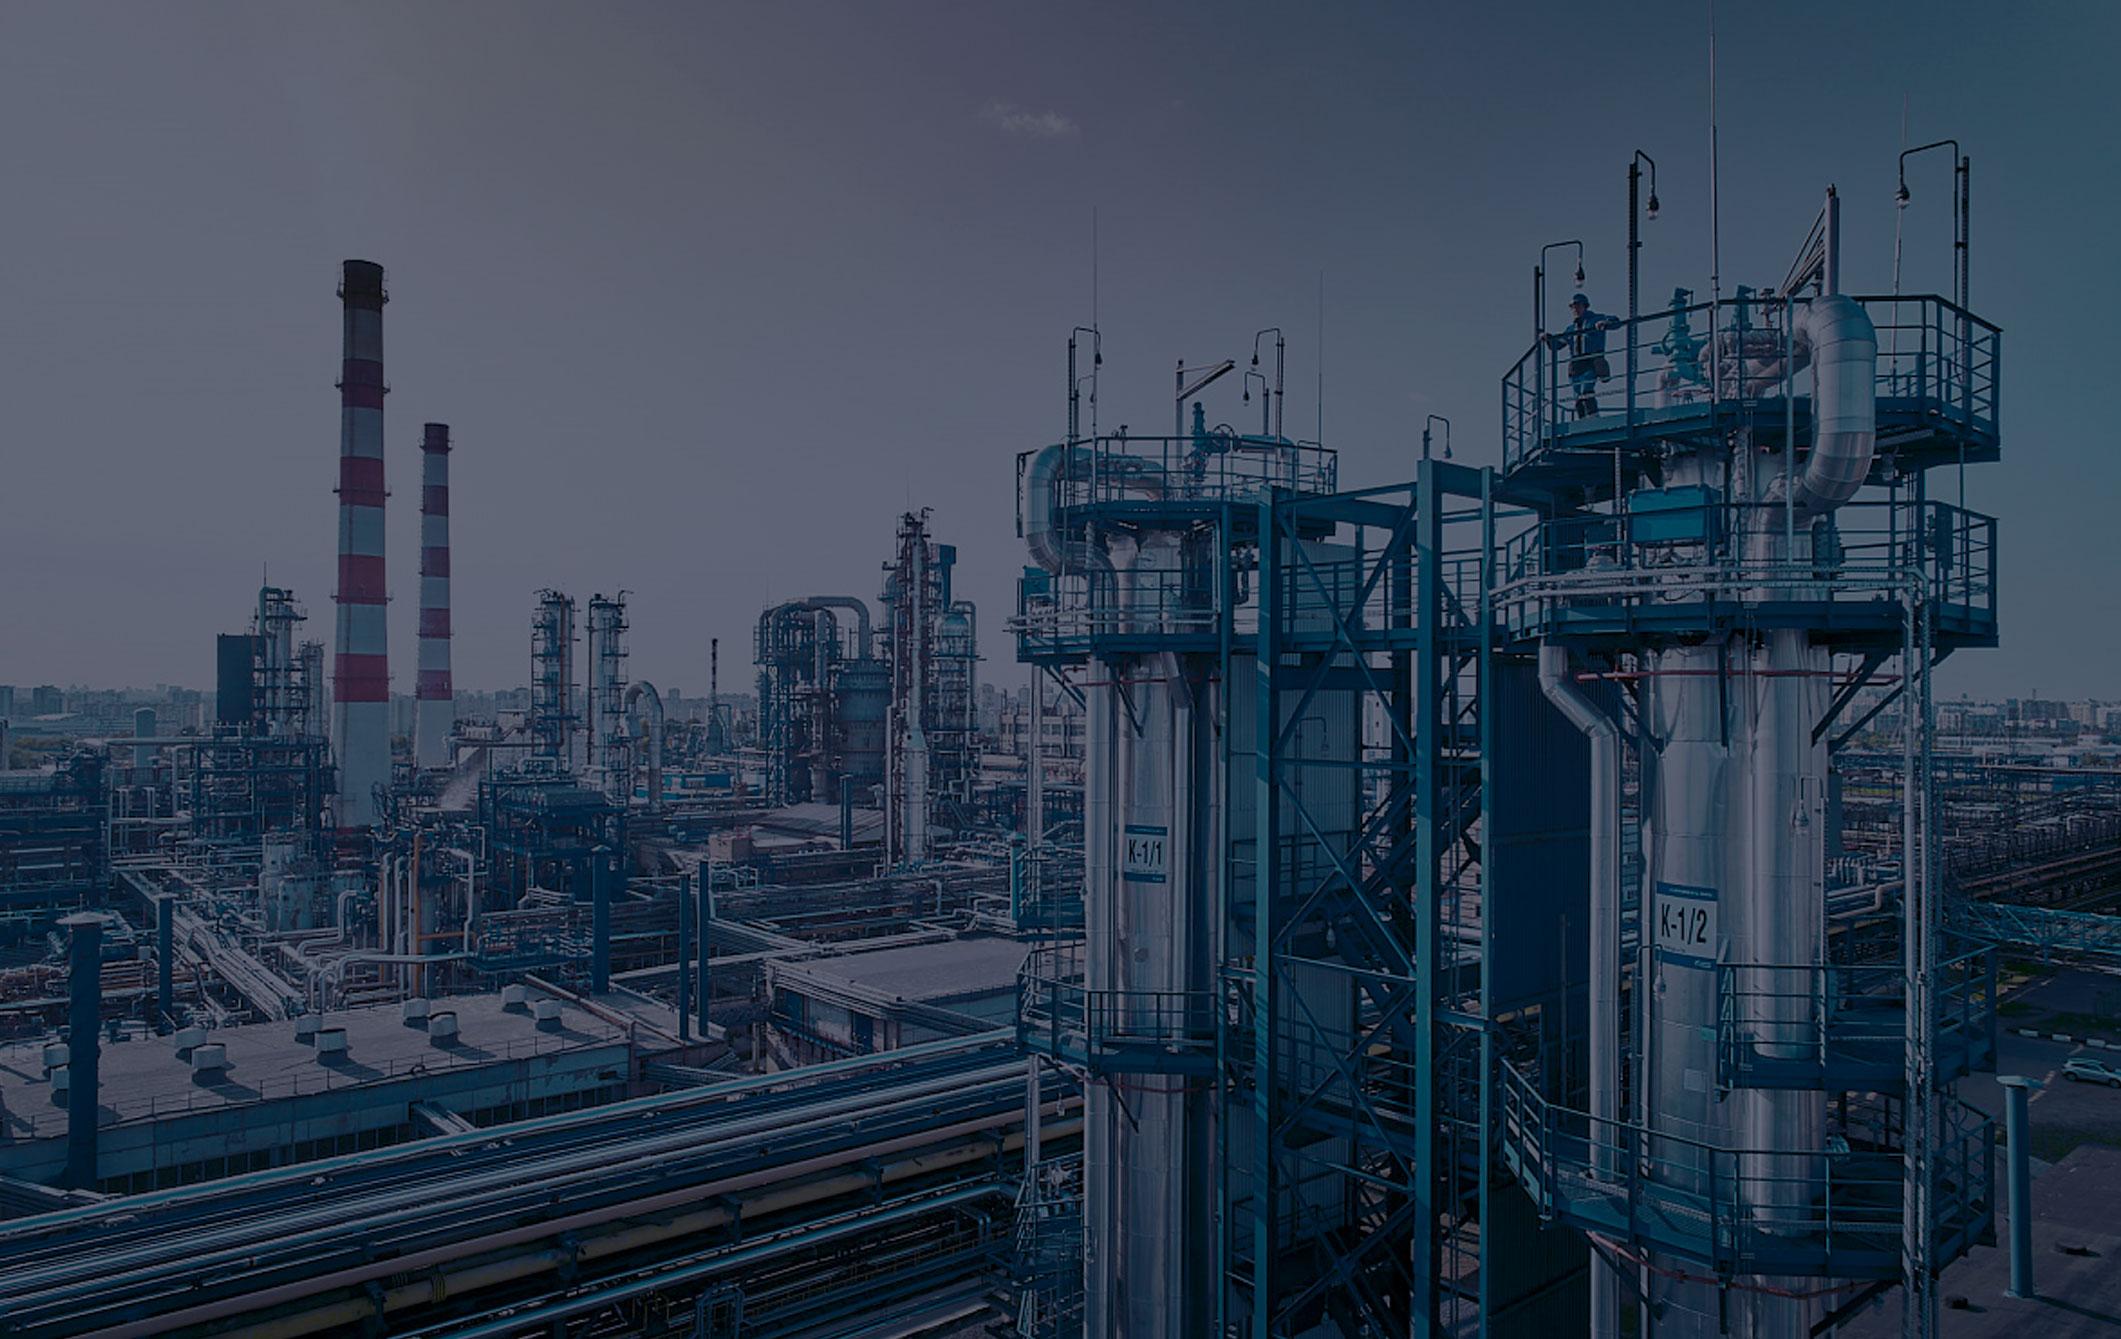 Способы защиты и действия в условиях угрозы распространения на объекте (территории) токсичных химикатов, отравляющих веществ и патогенных биологических агентов (для работников объекта (территории)